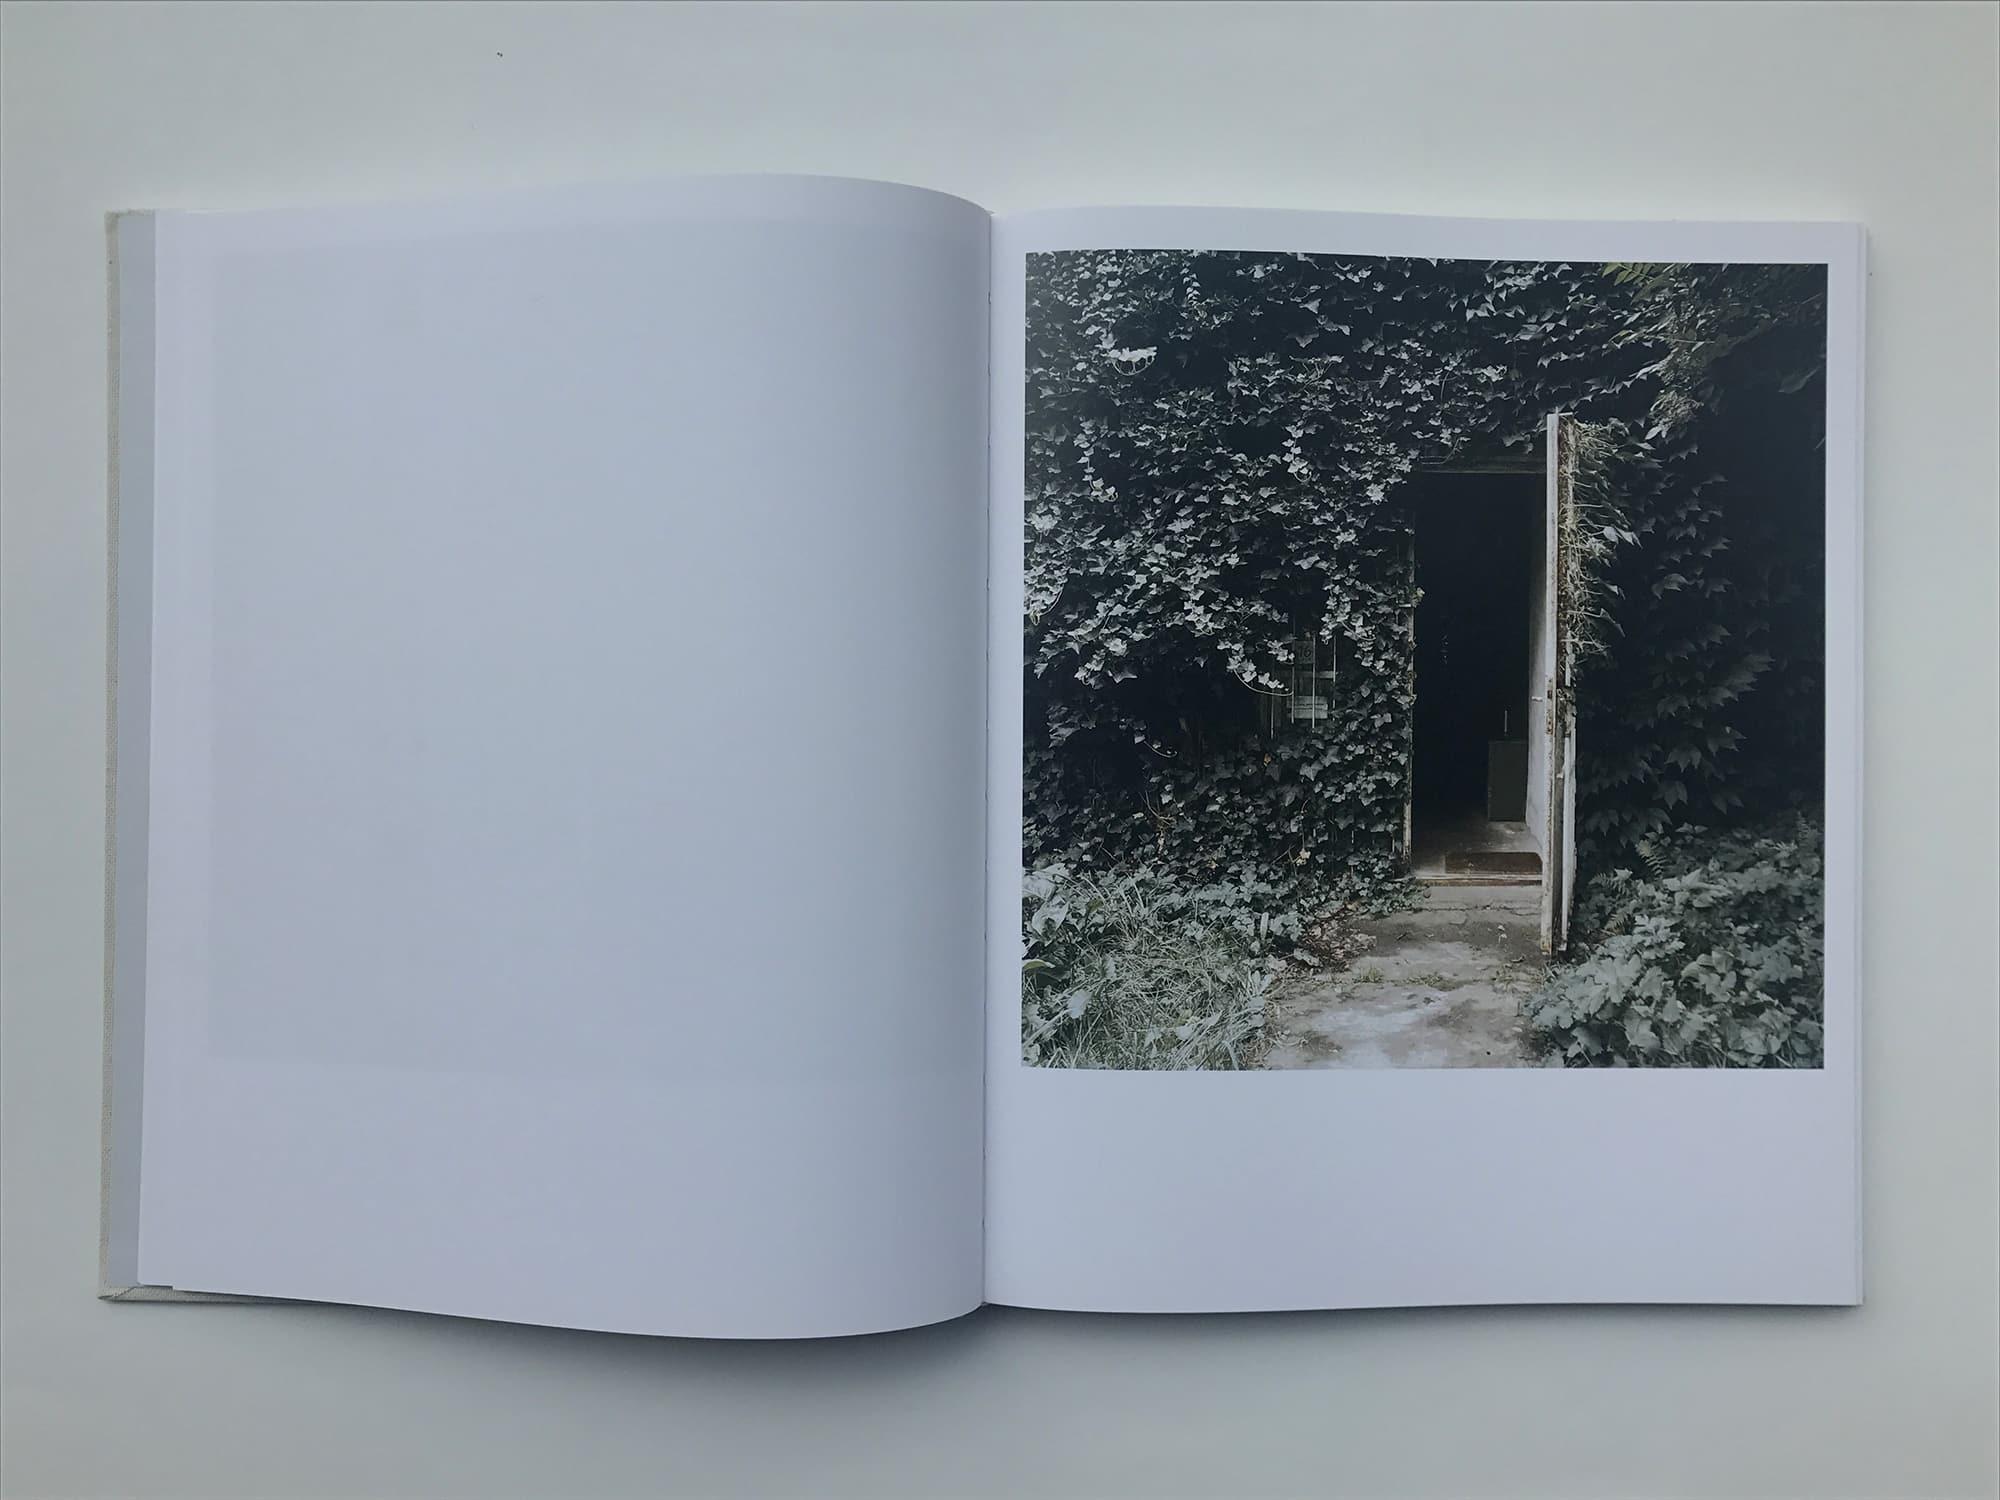 Matthias Schaller / The Mill